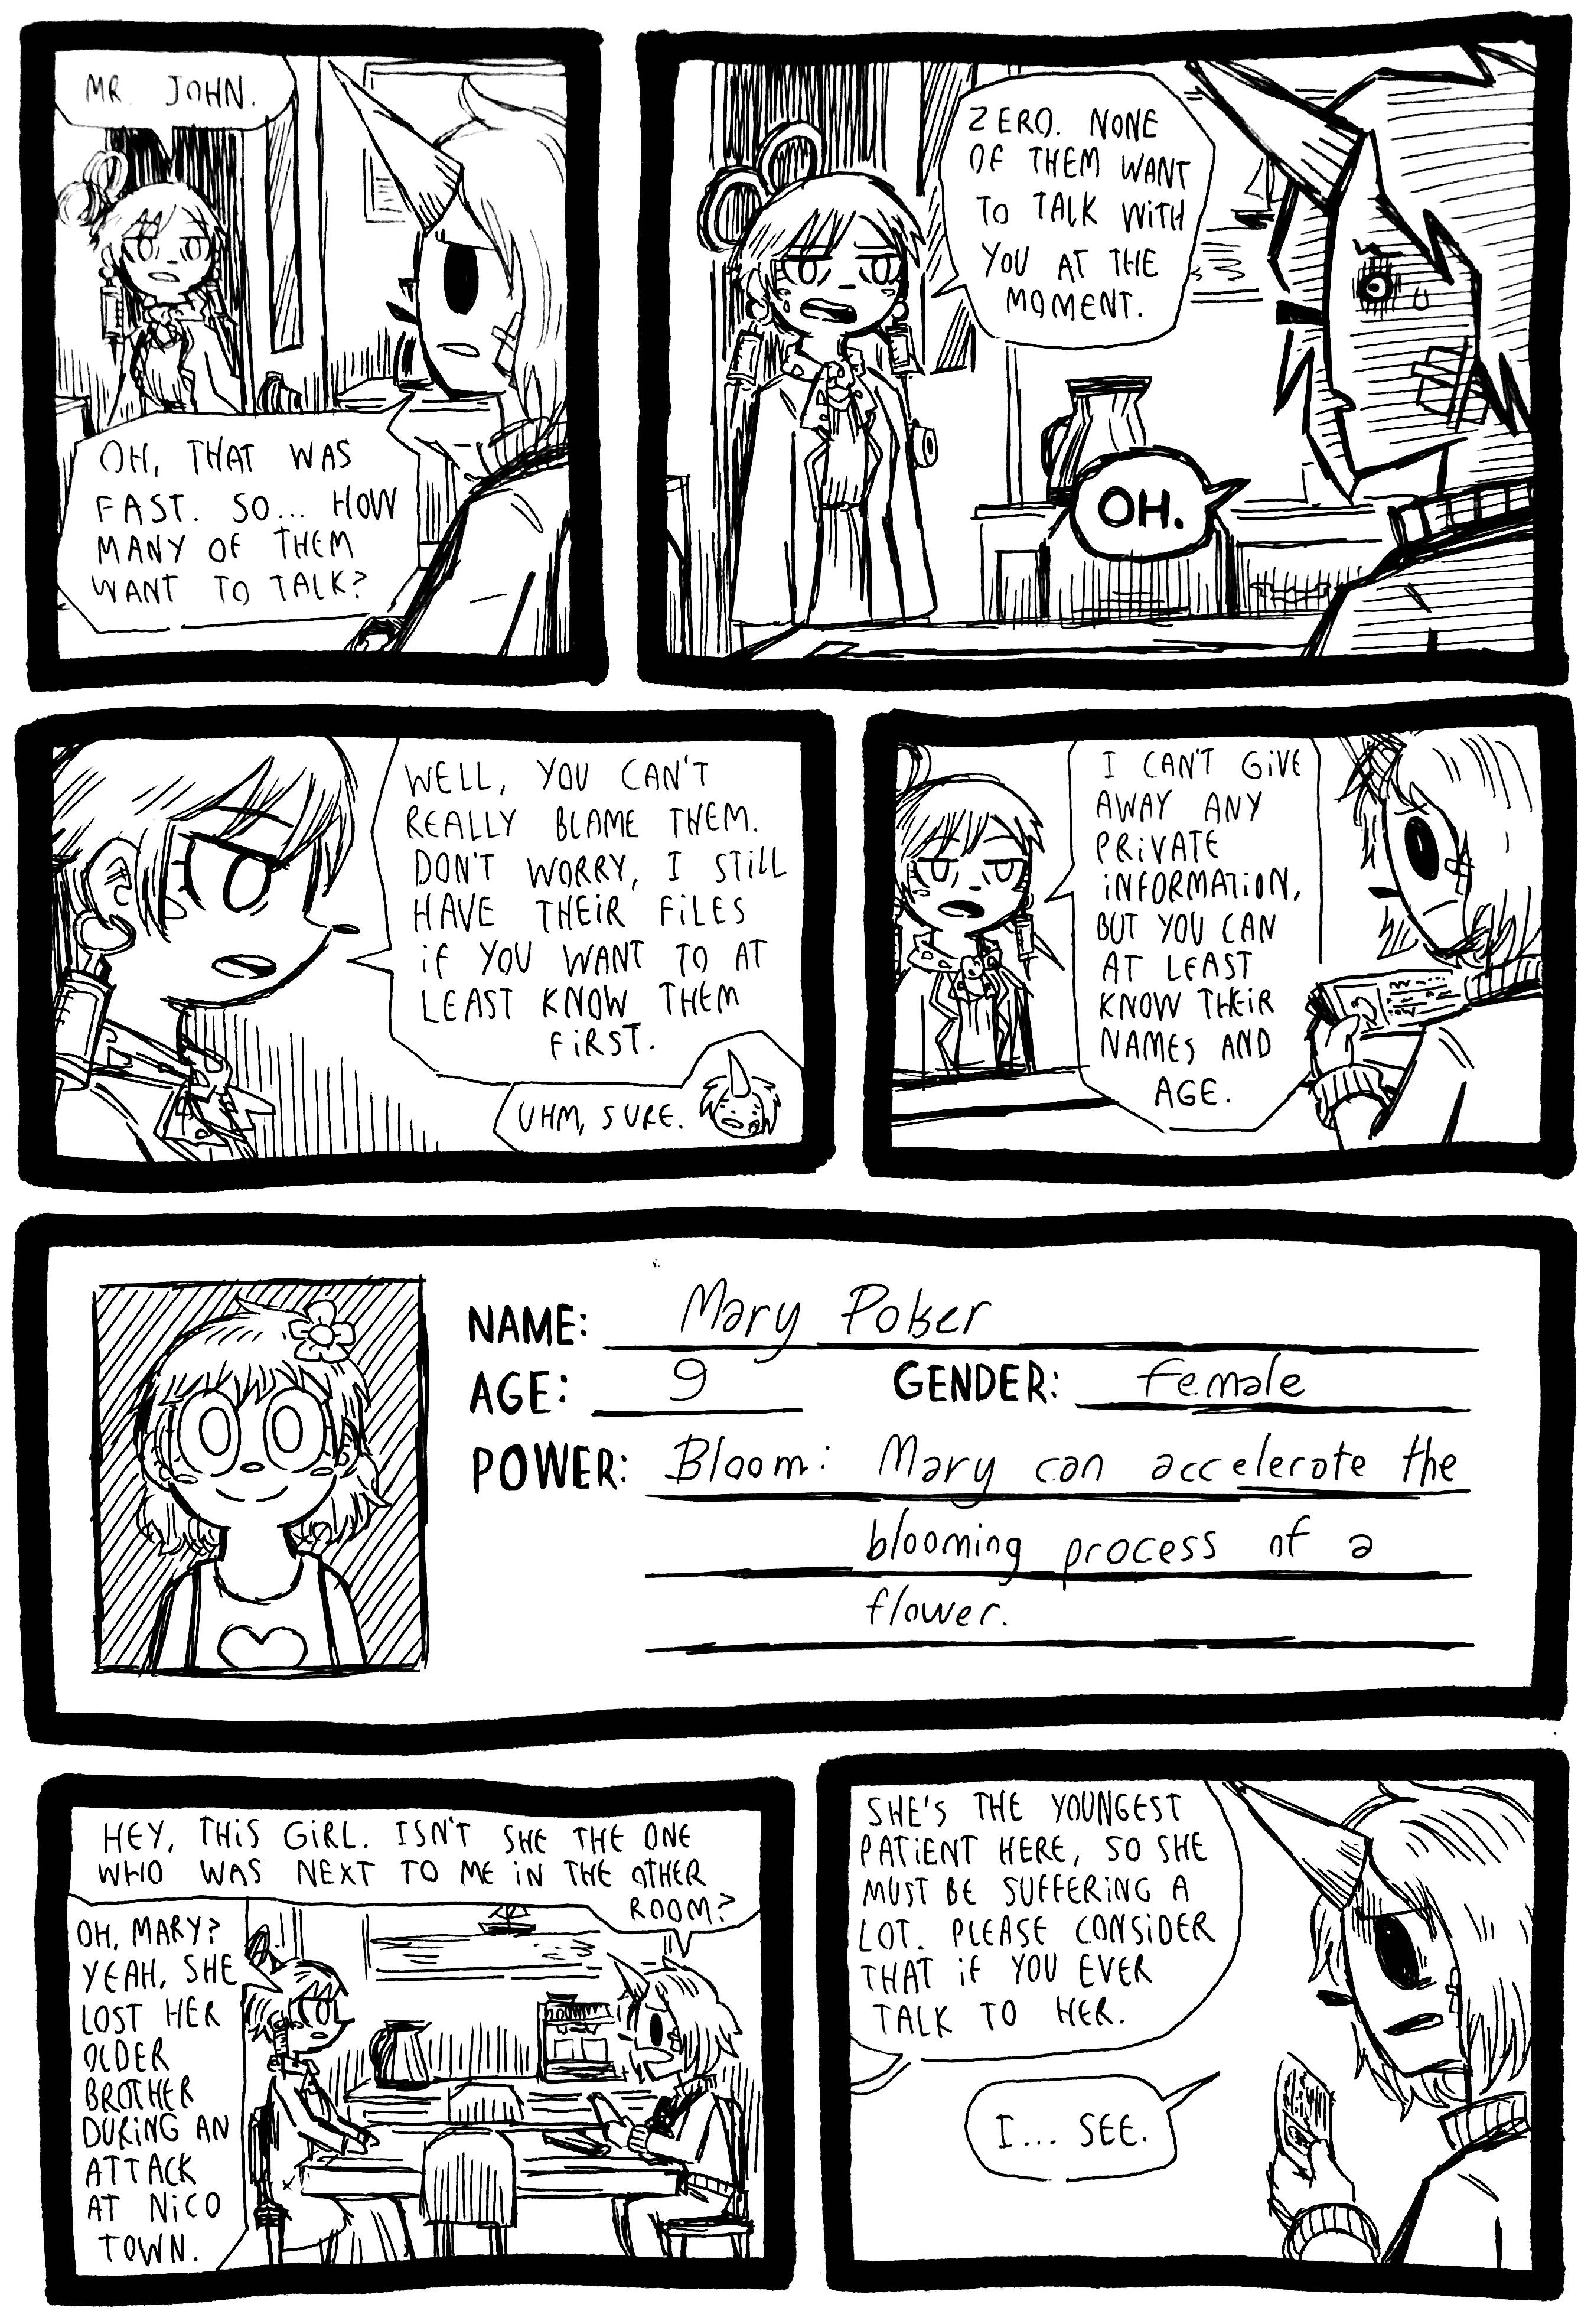 Paper Quest Pg. 132